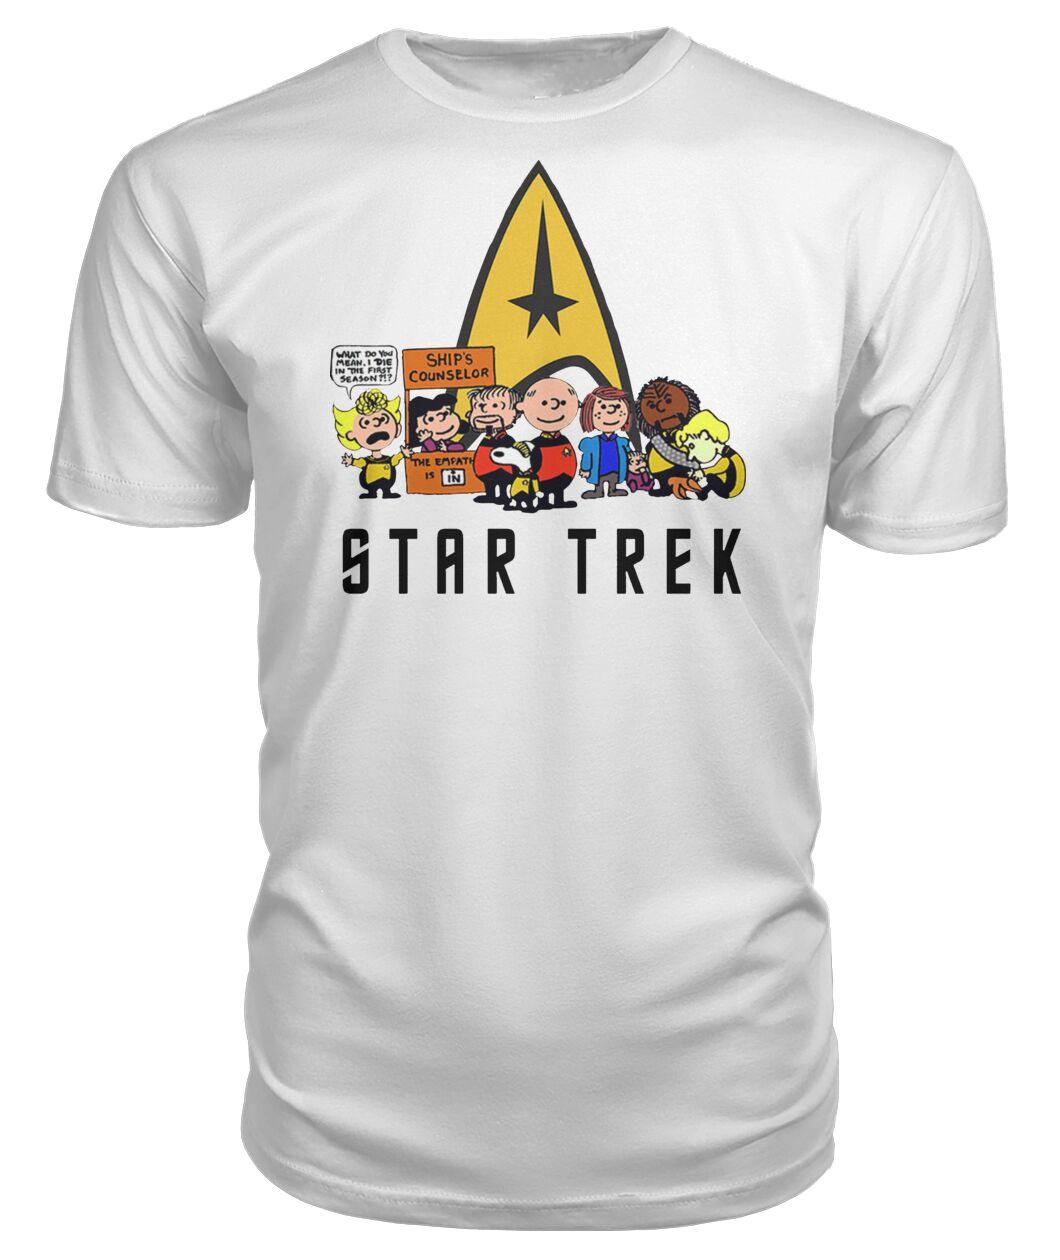 charlie brown snoopy and woodstock star trek shirt 1